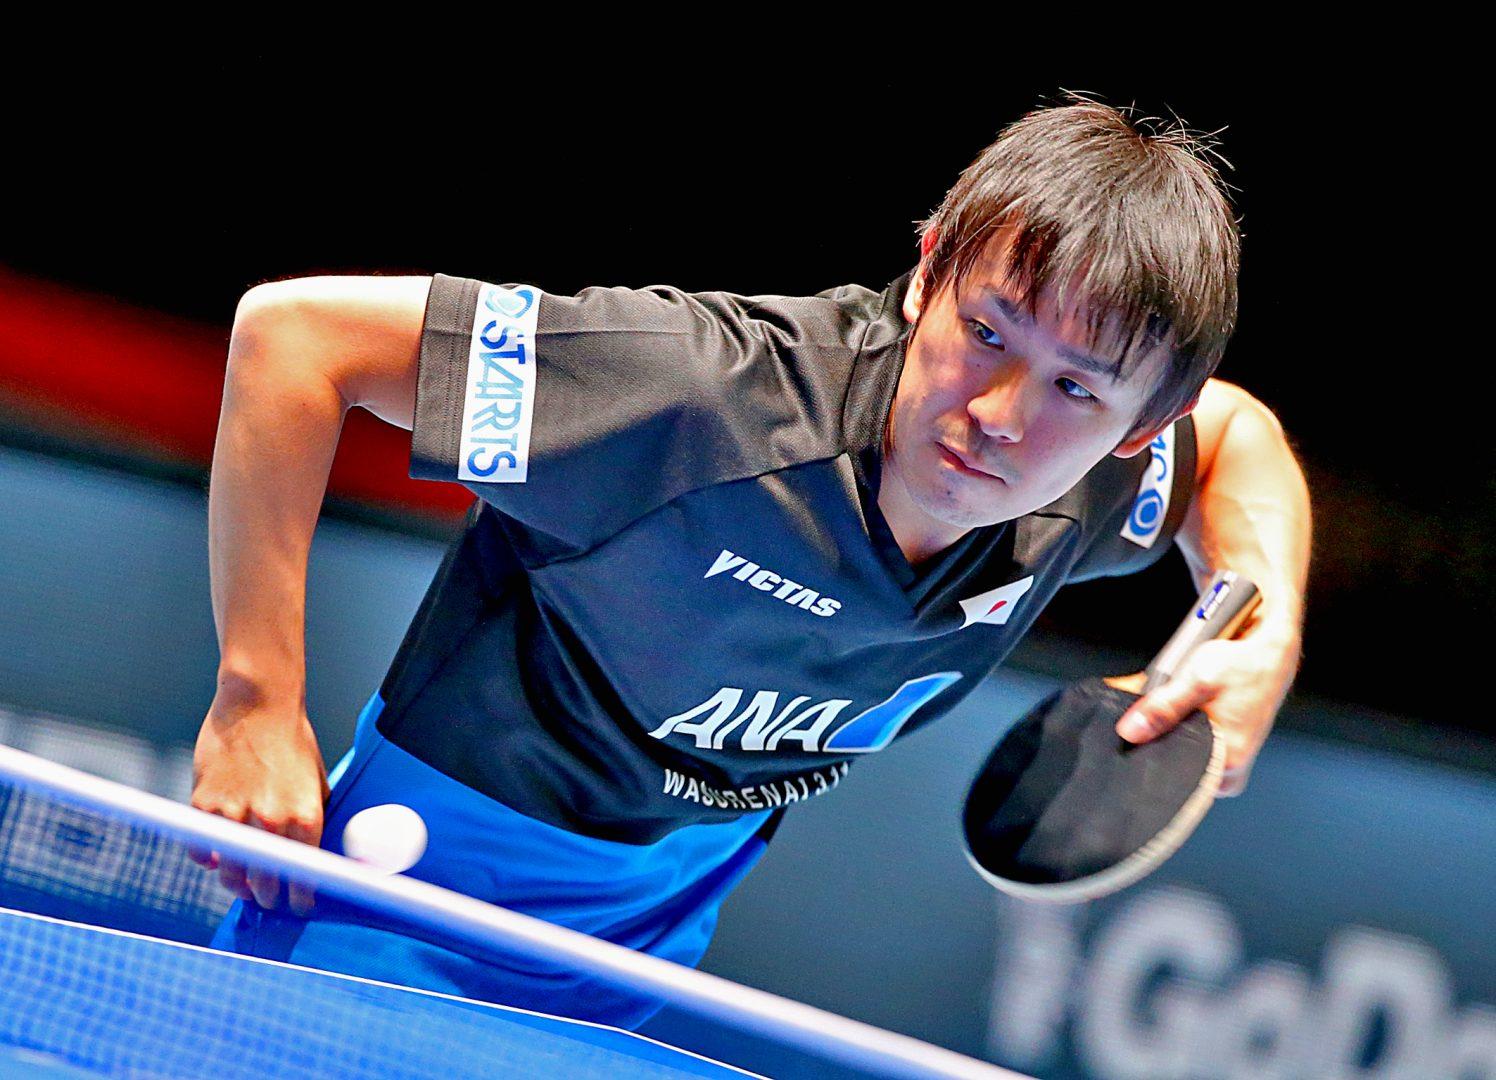 【卓球】最強の称号はどちらの手に アジアvsヨーロッパオールスターに丹羽孝希が登場